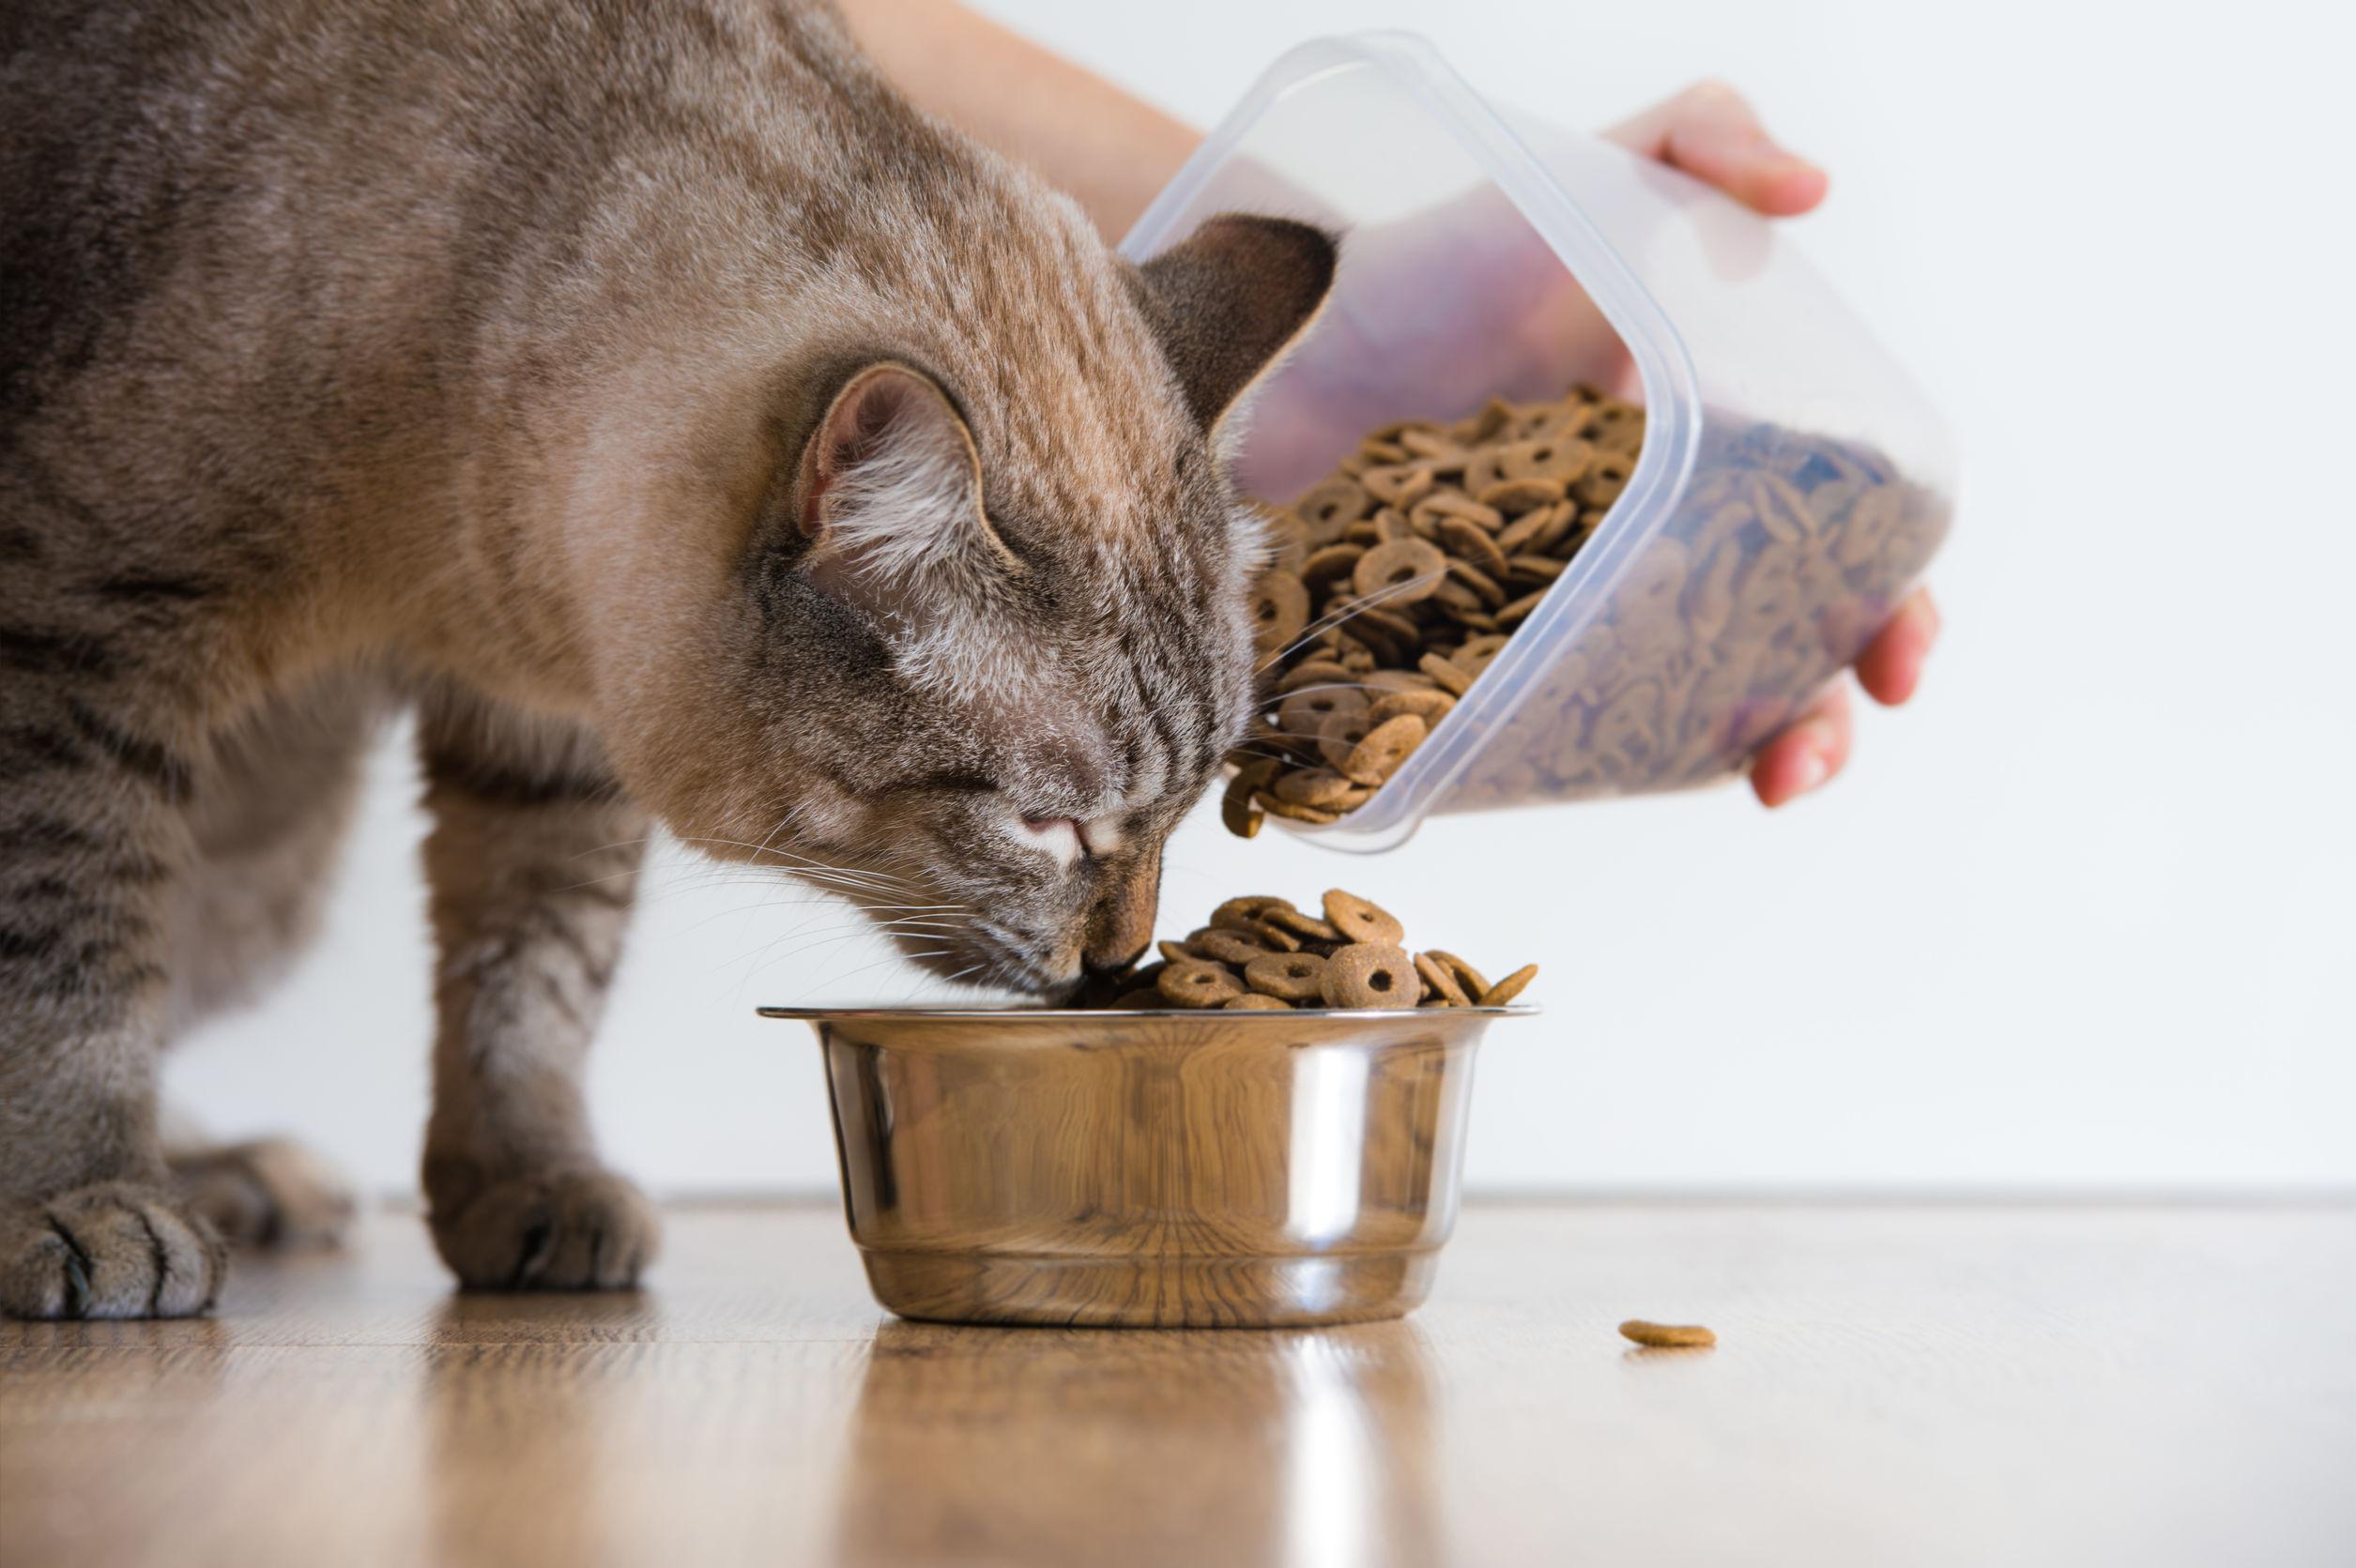 Comida para gato: ¿Cuál es la mejor de 2020?